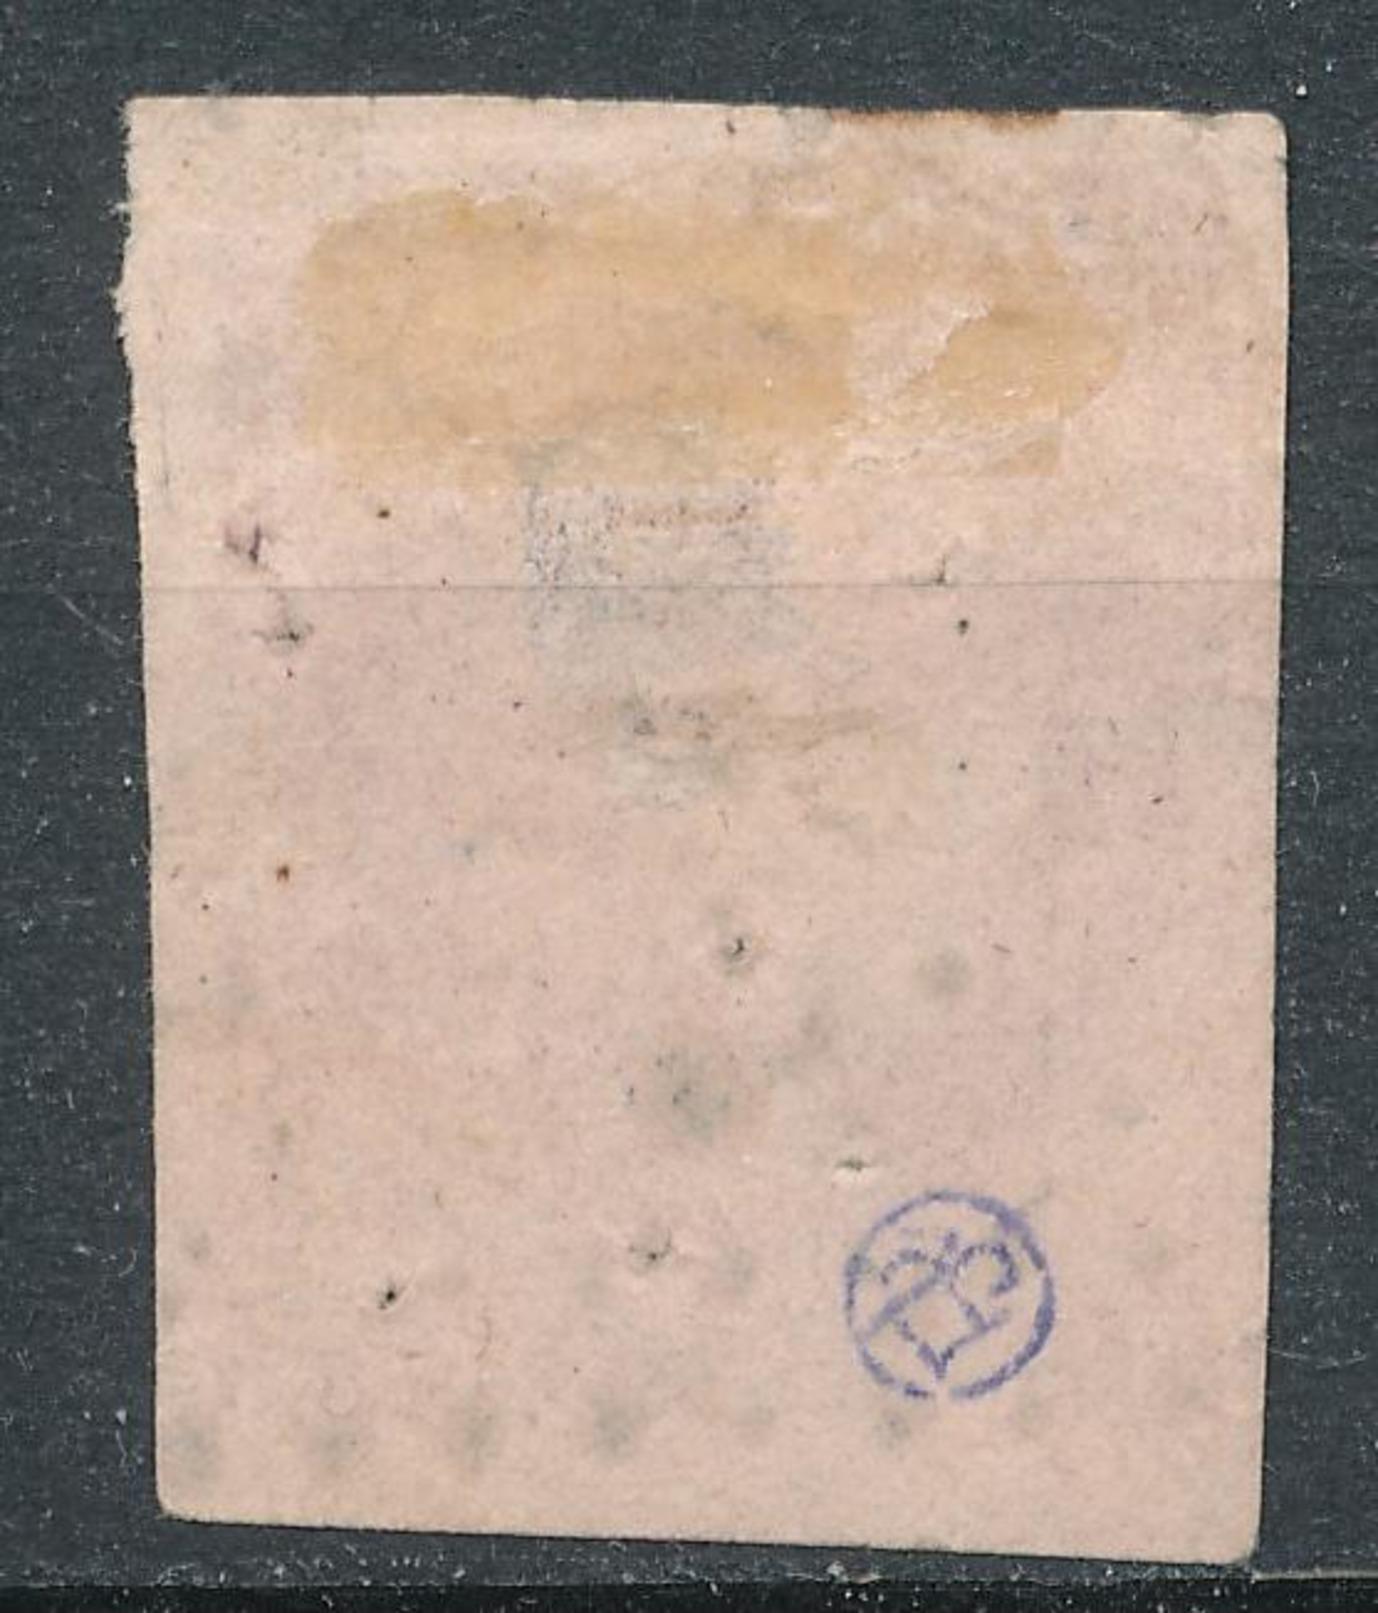 N°49 BORDEAUX NUANCE VOISIN - 1870 Bordeaux Printing